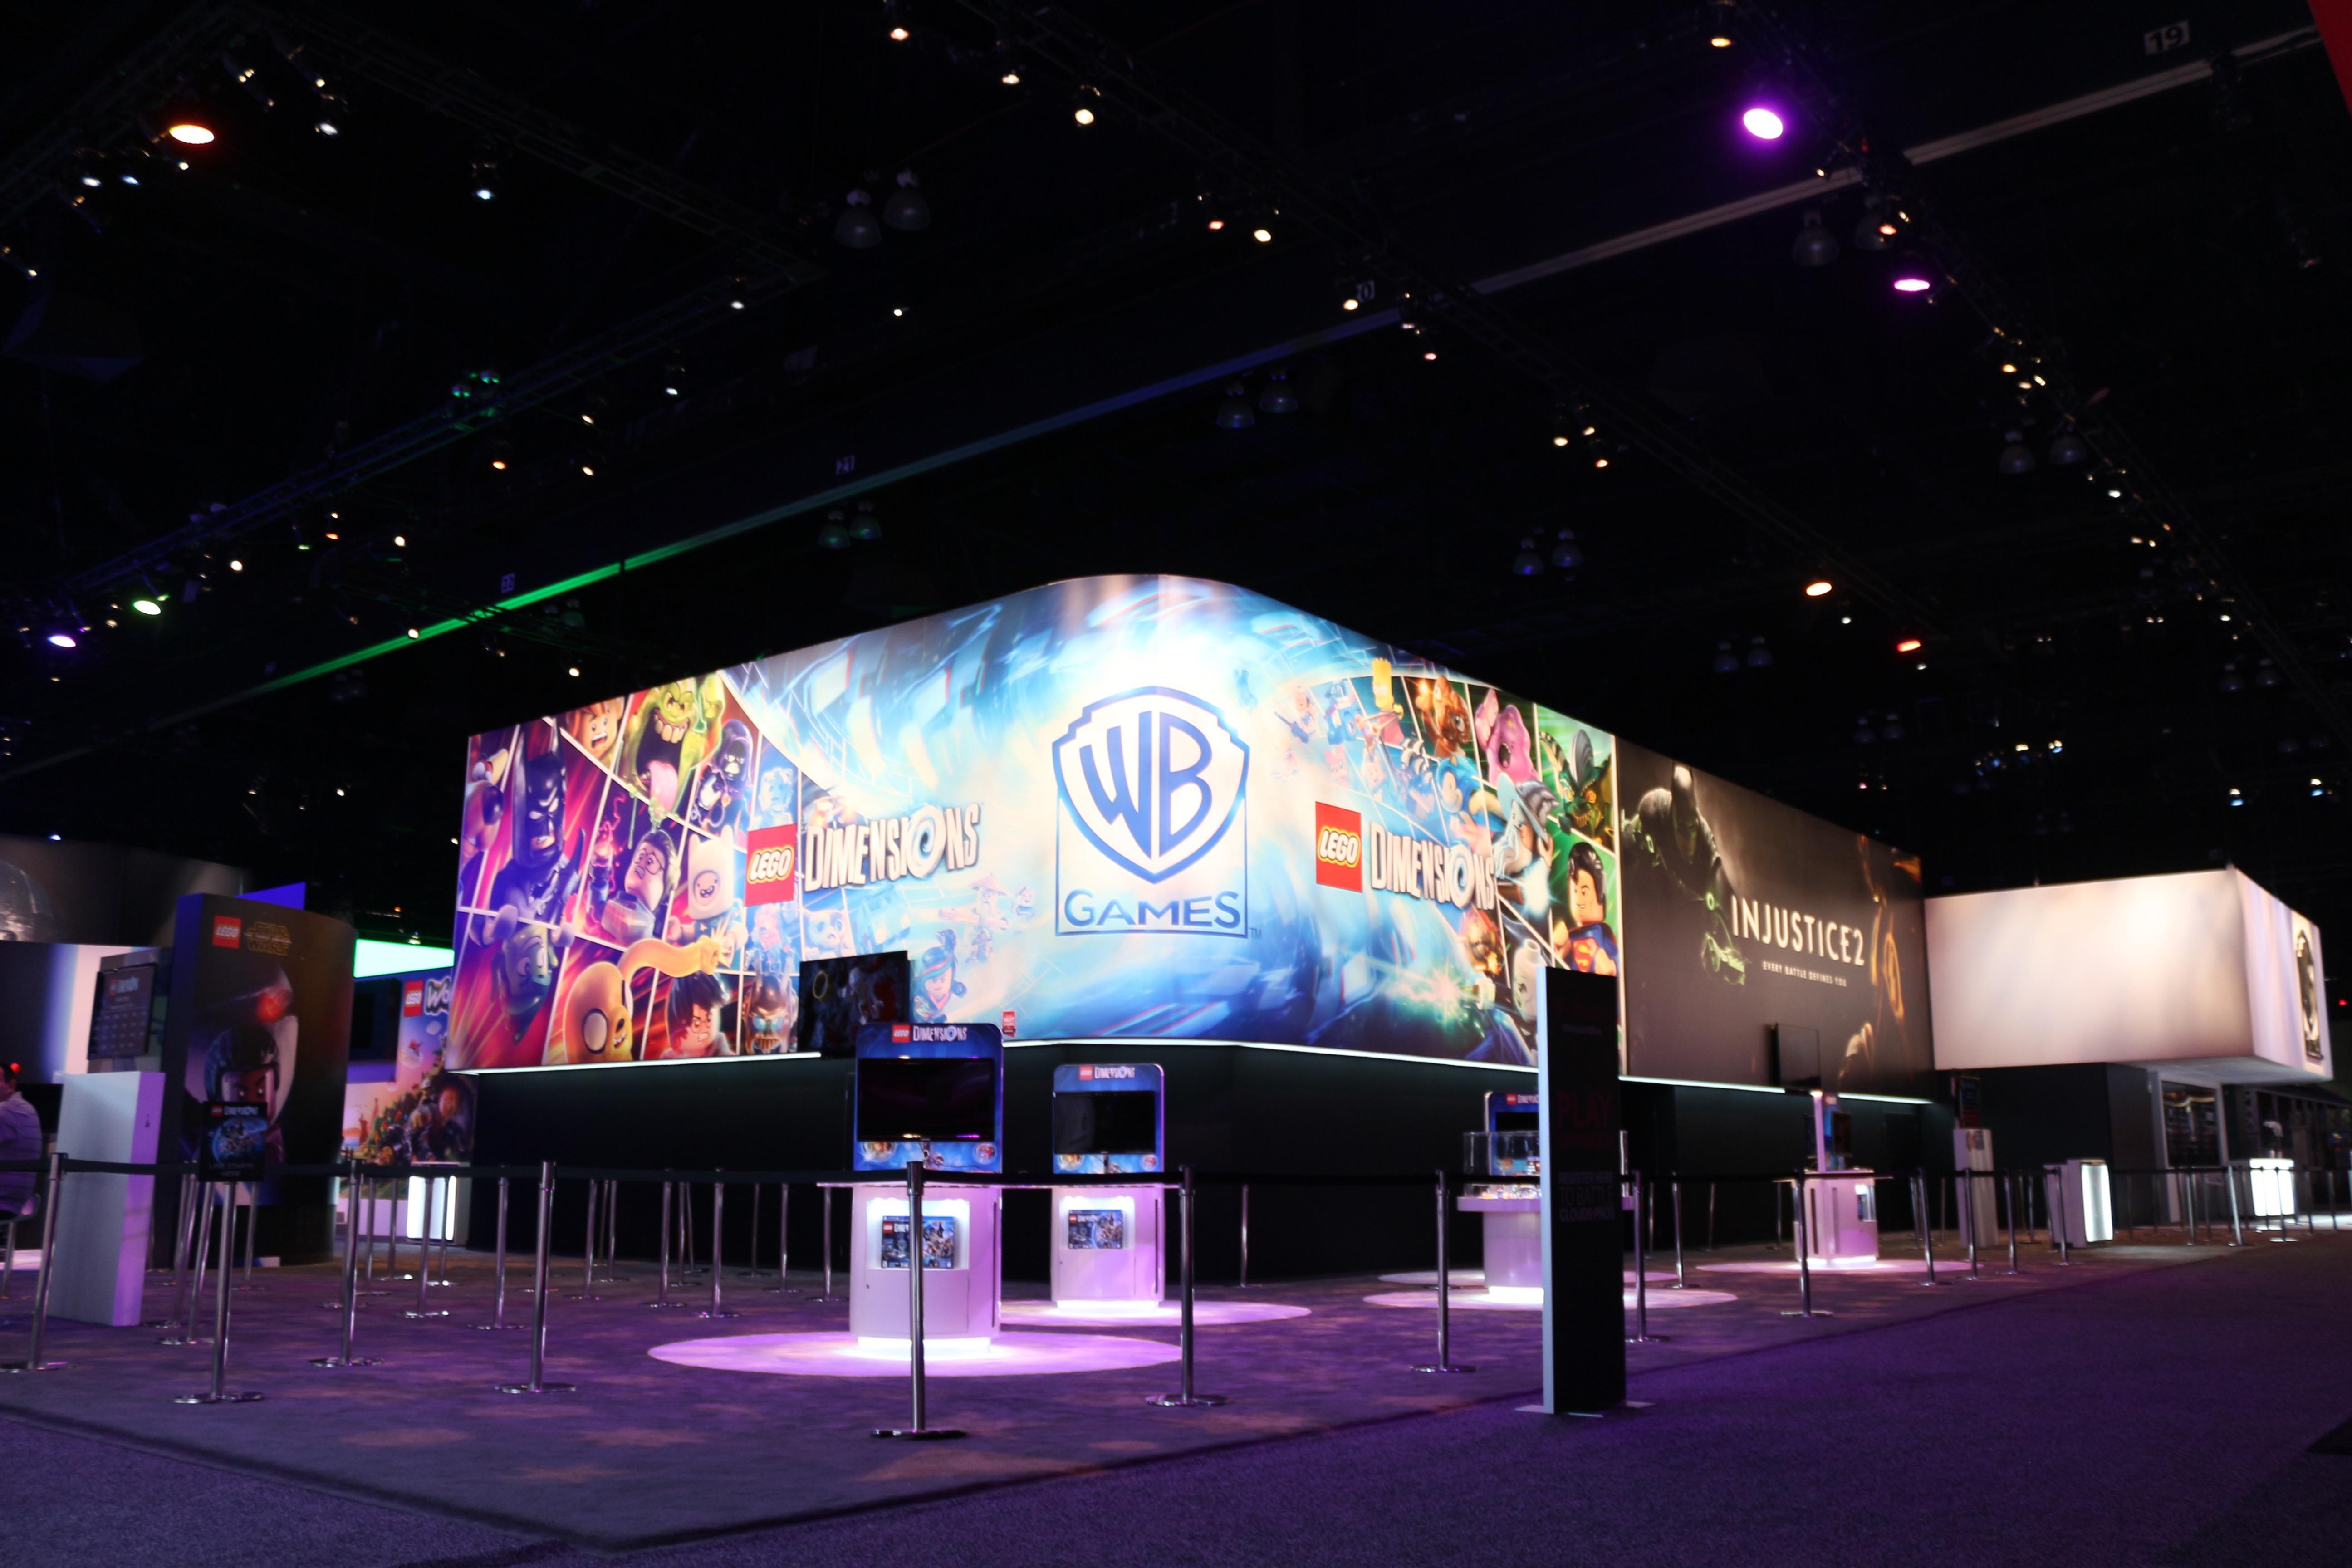 WB Games, E3 16, Los Angeles, USA